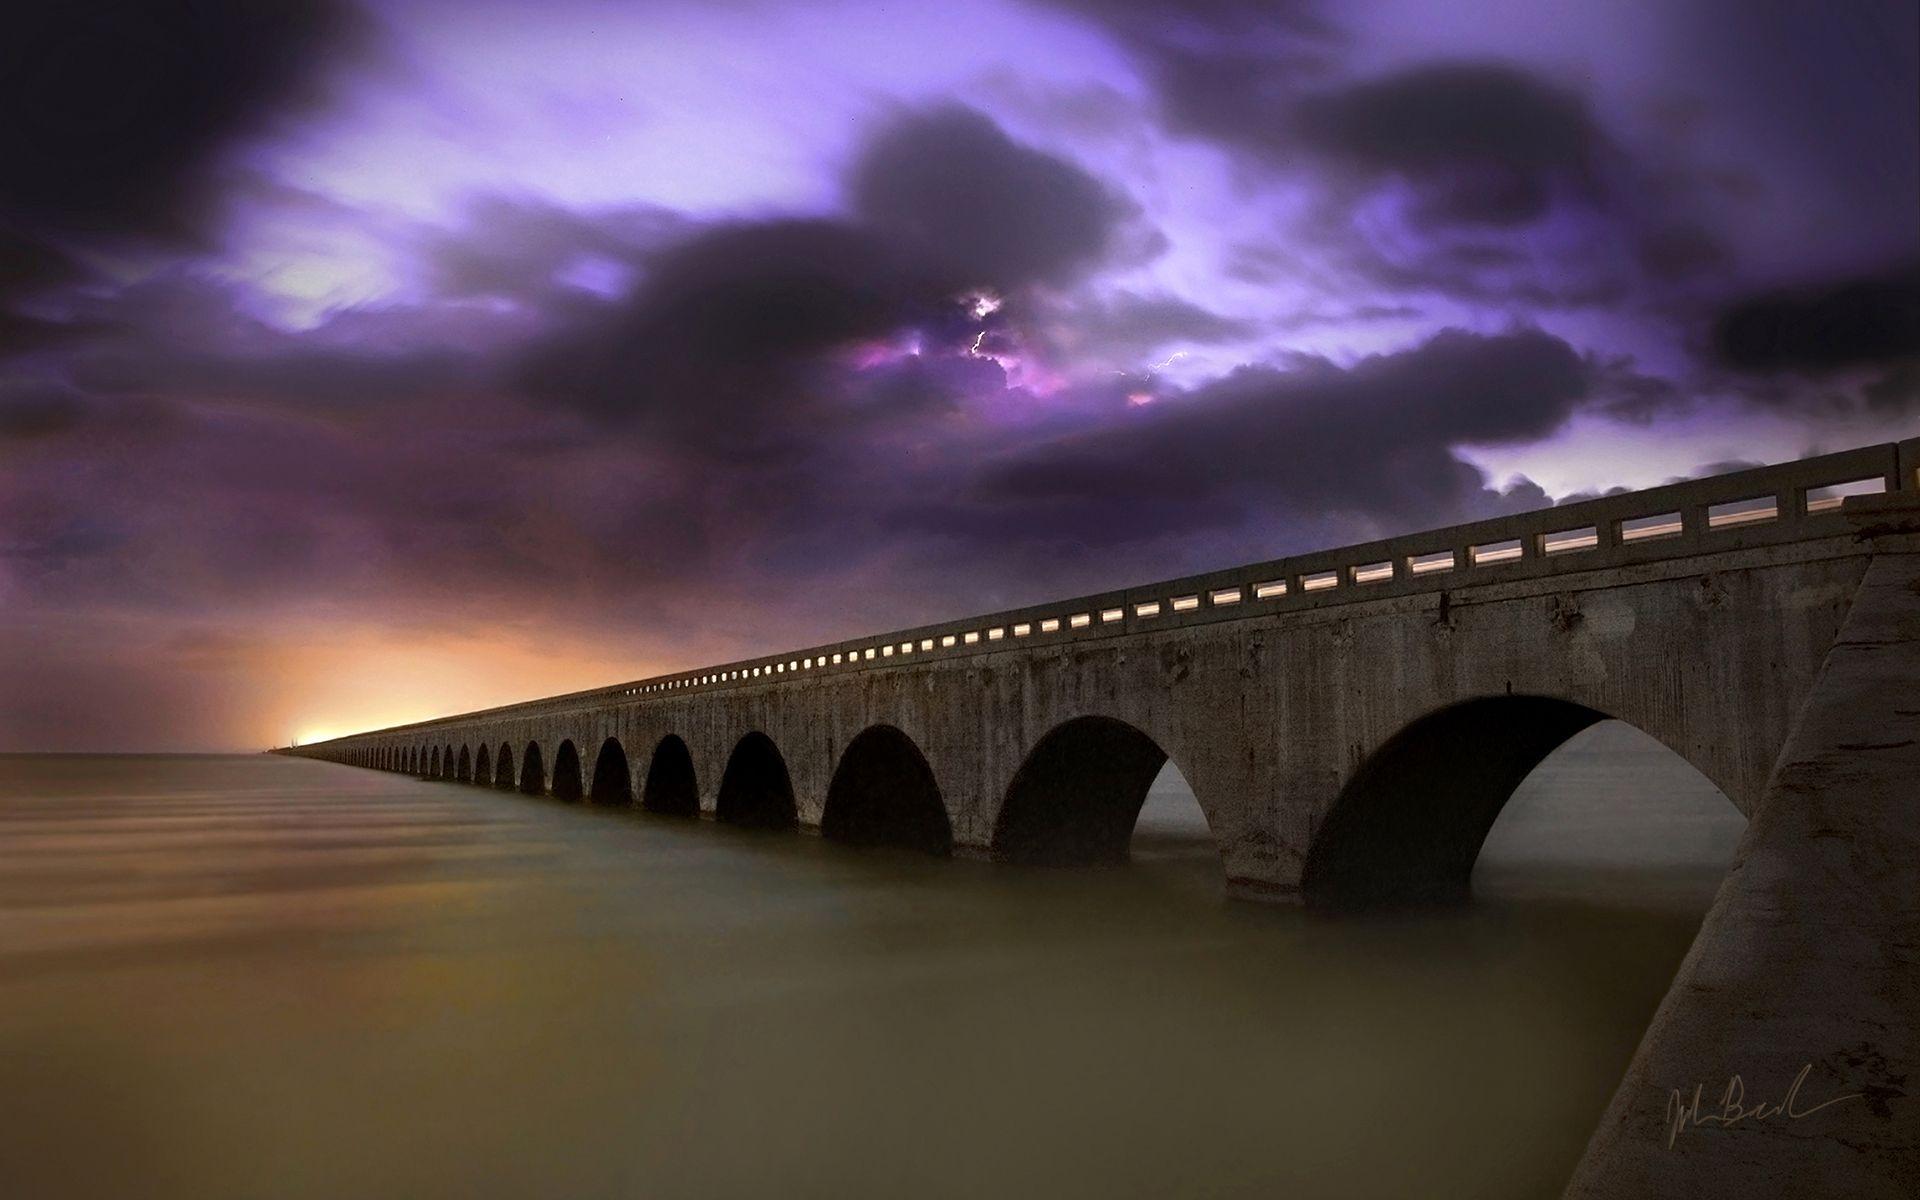 جسر على البحيرة | خلفيات طبيعة | HD Nature wallpaper Lake